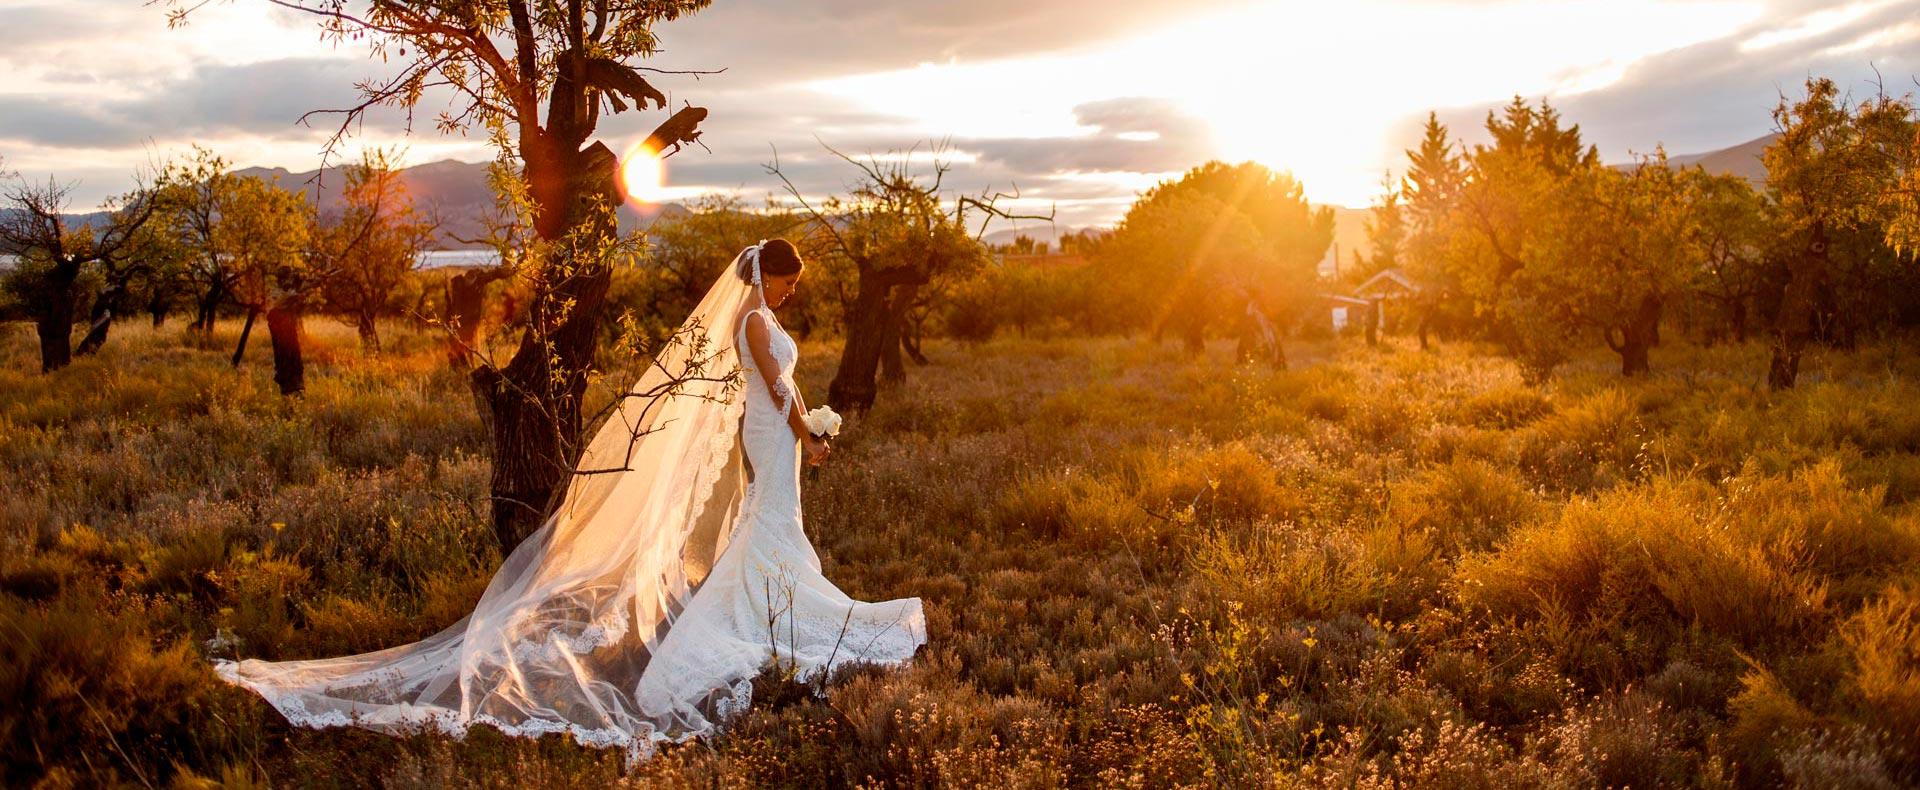 Reportaje de boda por Pablo Gallego Fotografía